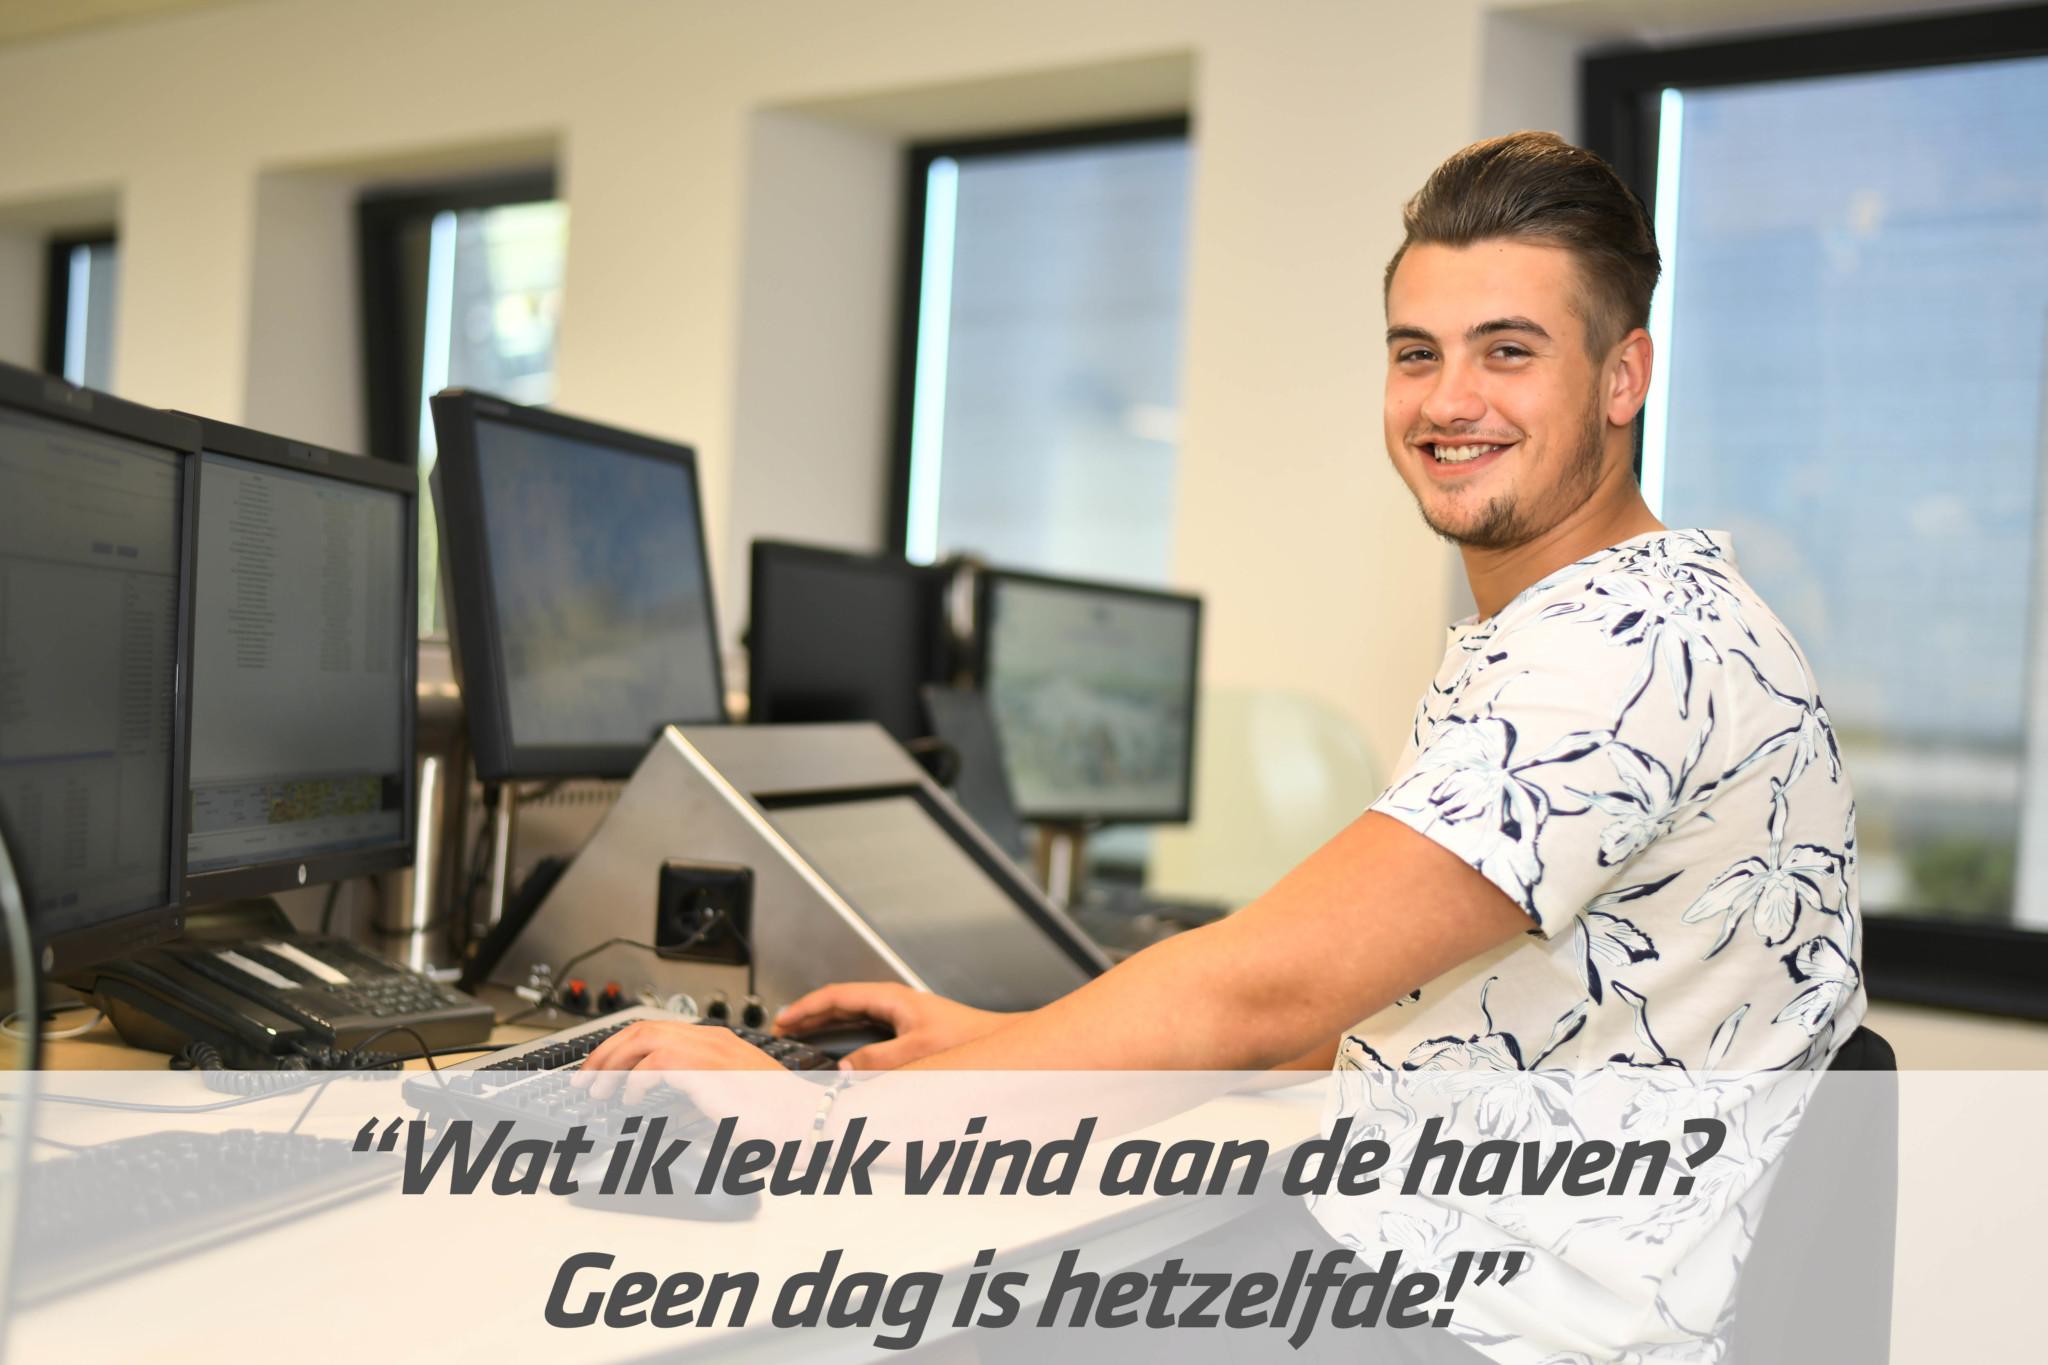 Mbo-opleiding medewerker havenlogistiek | STC mbo college Rotterdam